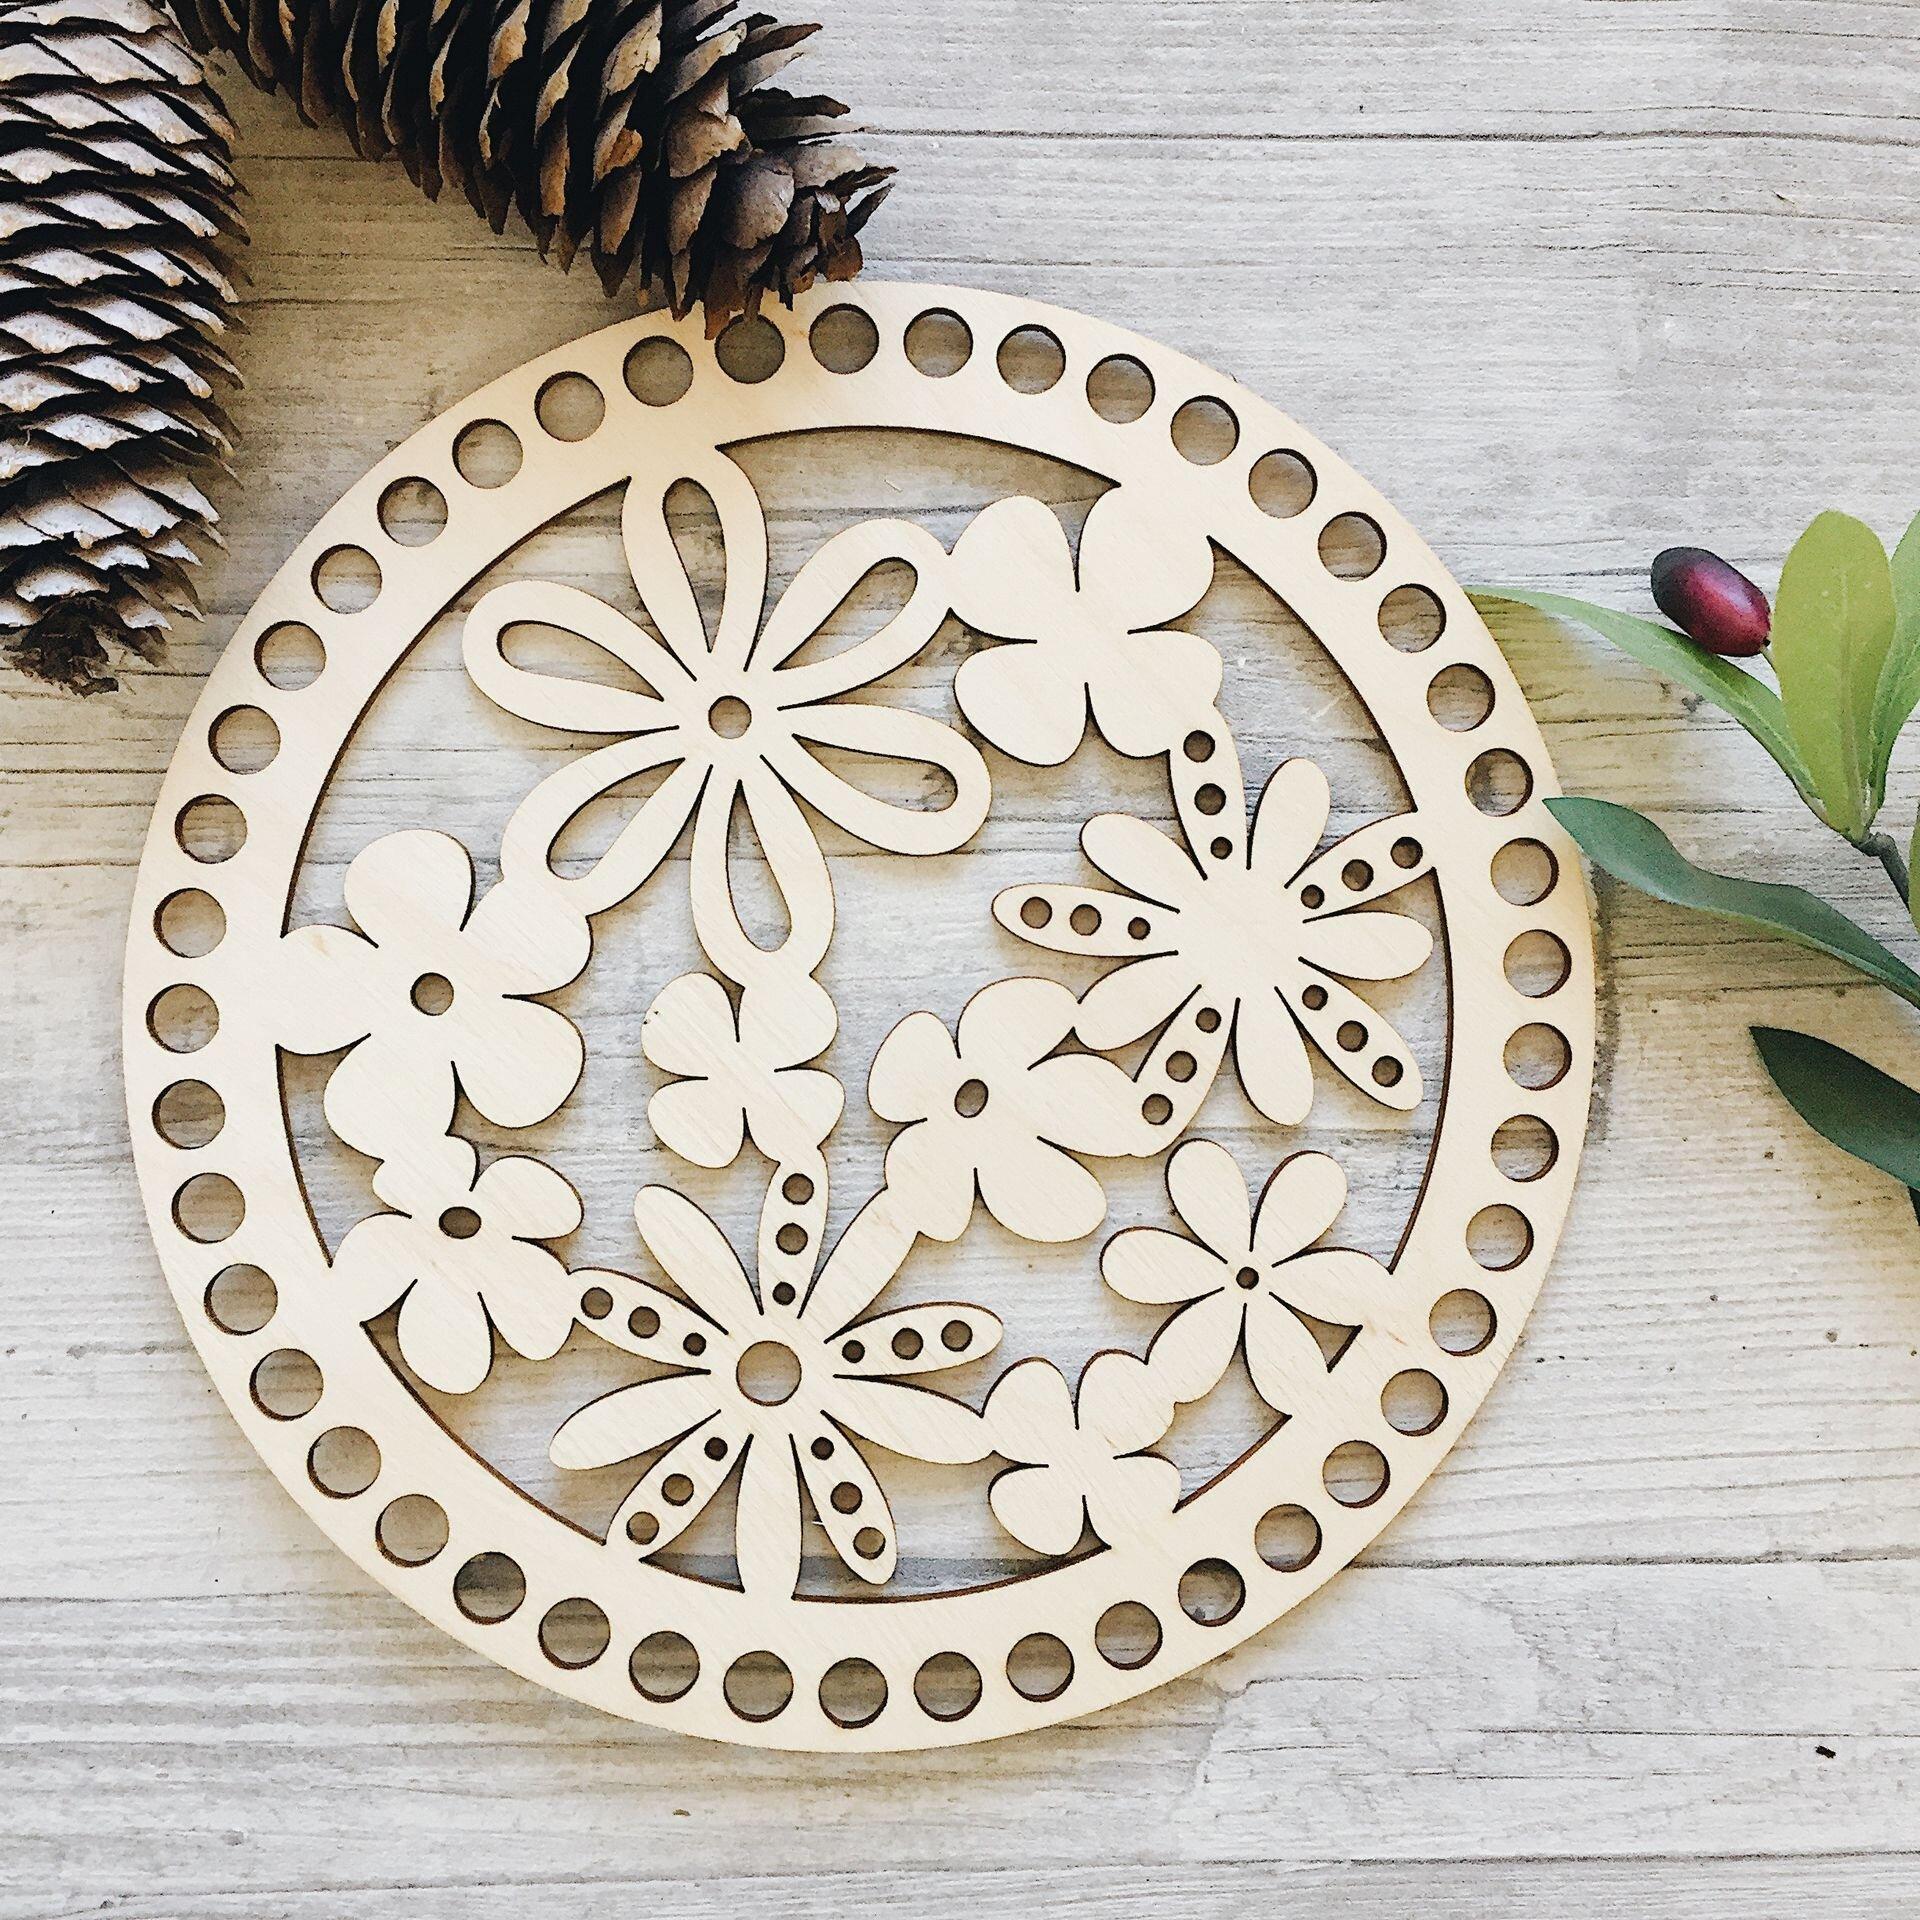 Деревянная резная крышка для корзинки, круг с цветочками 20см - фото pic_9c758715419ee4e_1920x9000_1.jpg